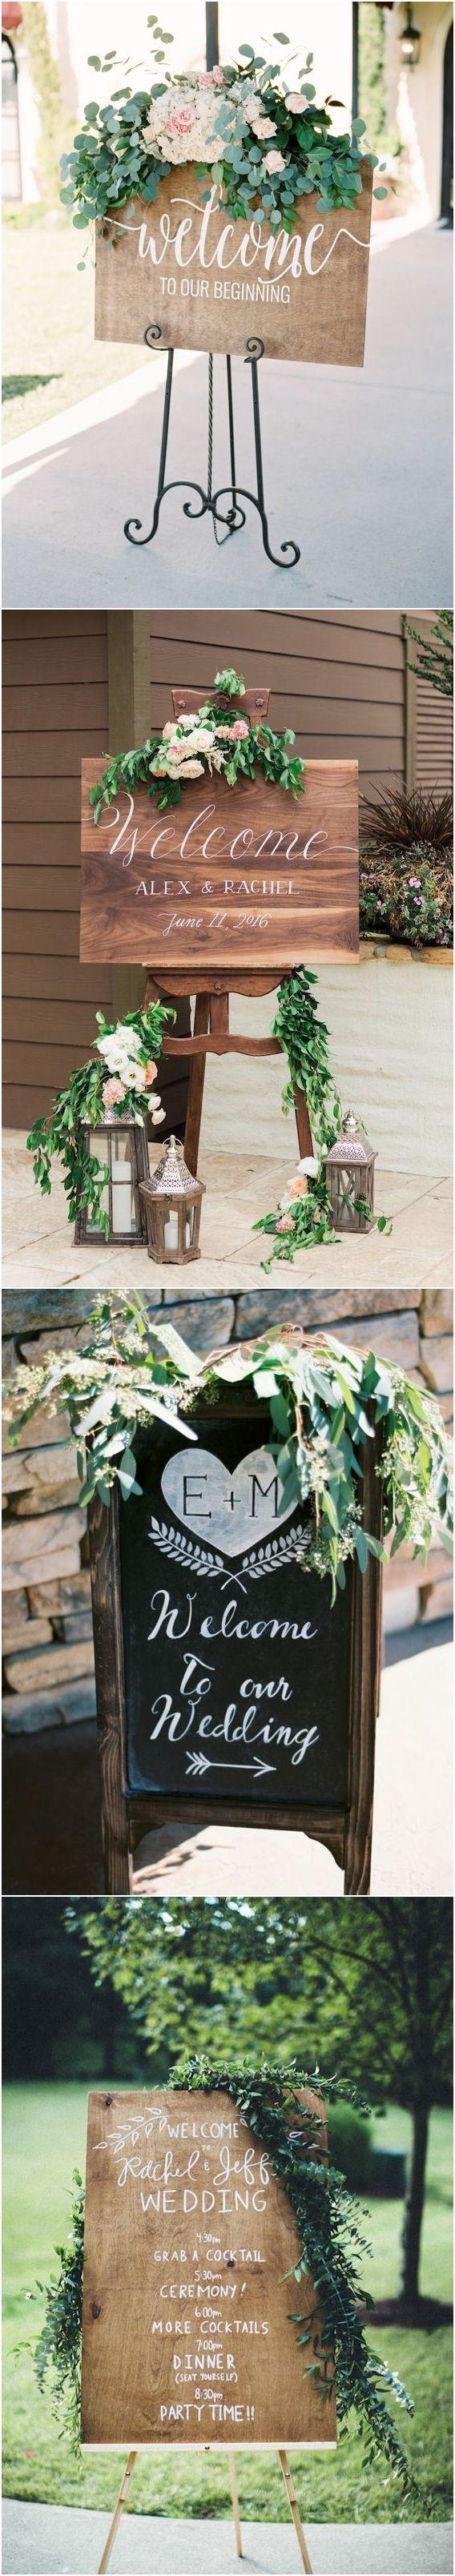 Wedding welcome display